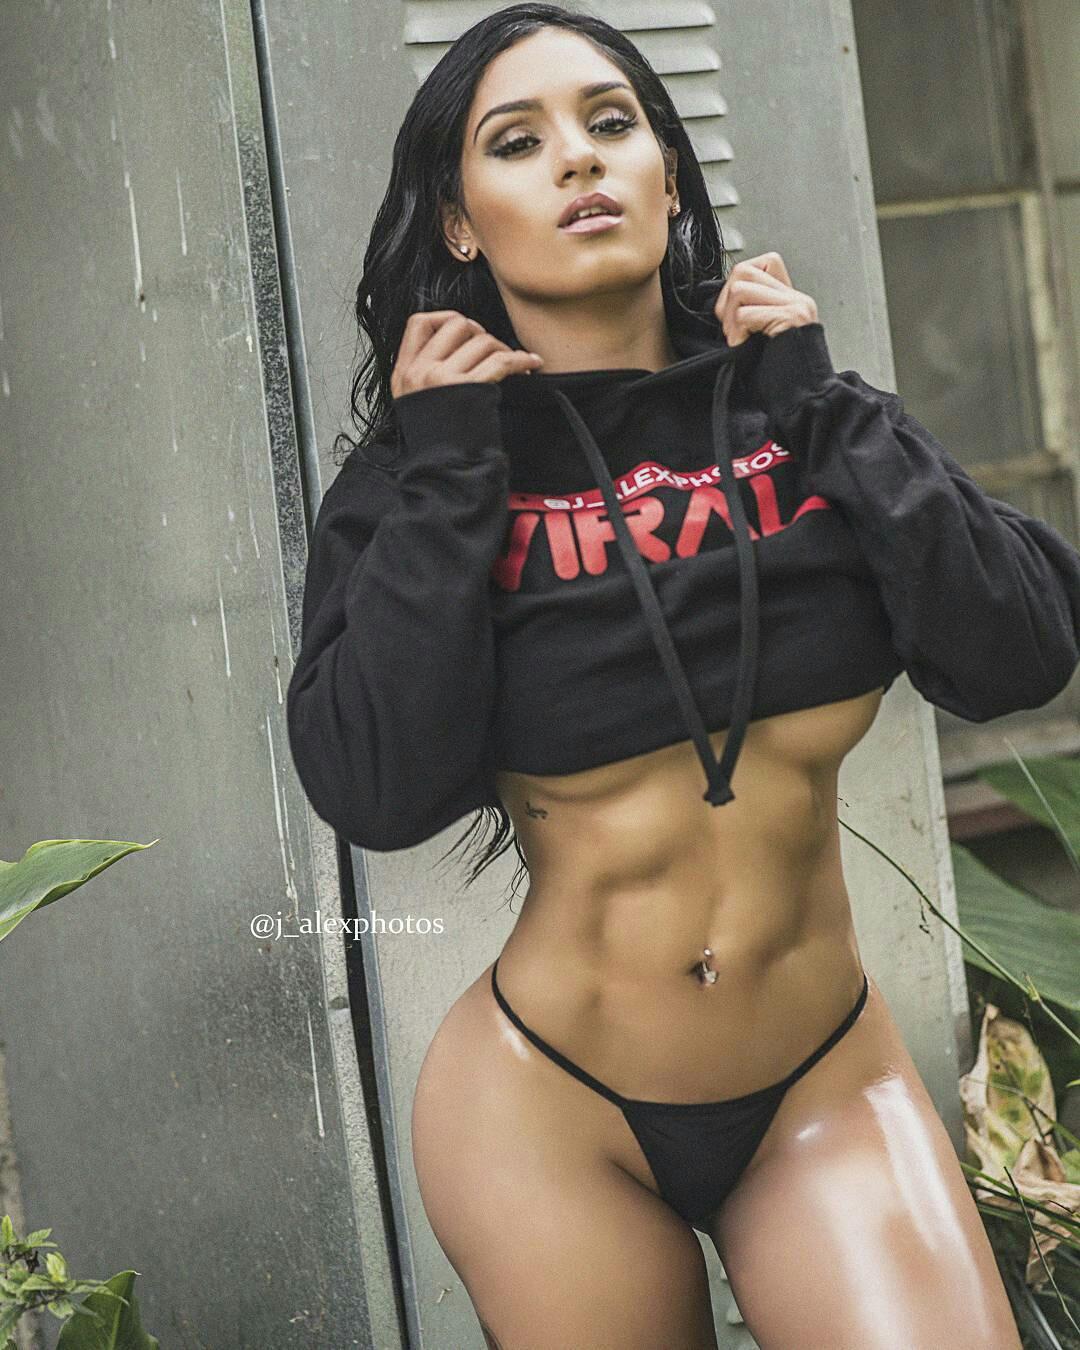 hip hop models images